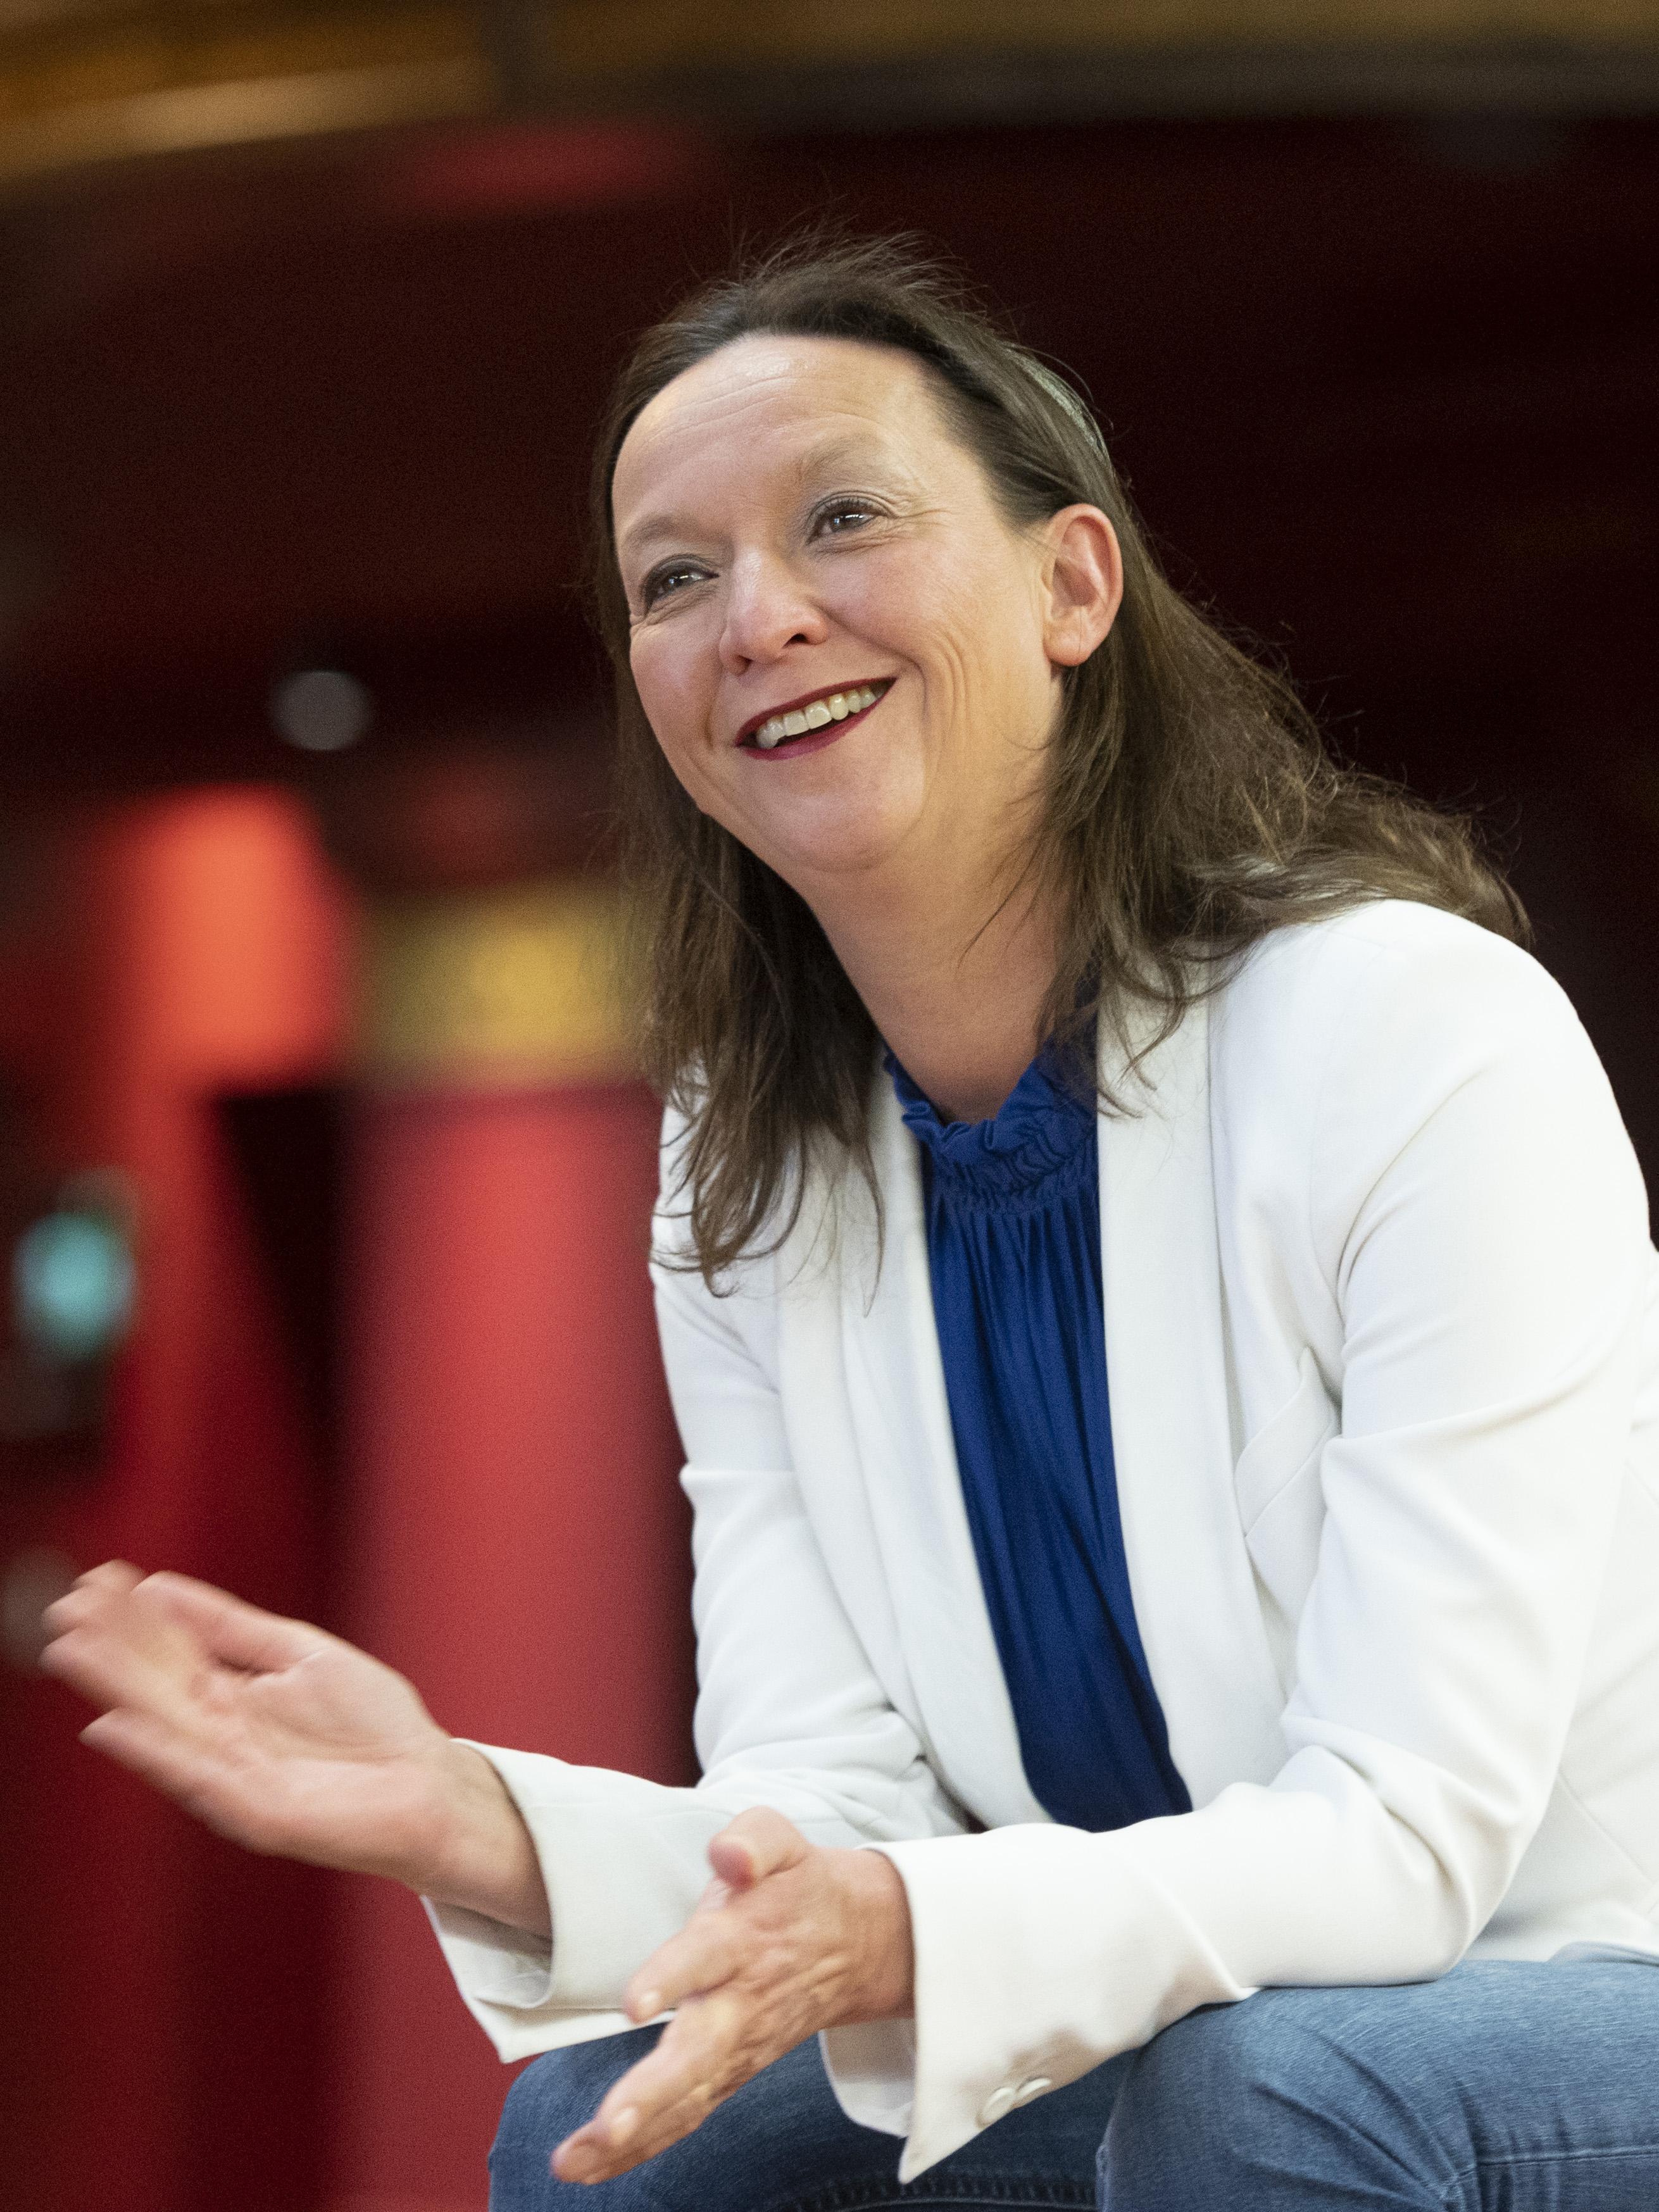 Directeur Patronaat Haarlem is vol lof over haar mensen. Jolanda Beyer: 'Ik vind het mindblowing hoe zij onder deze omstandigheden enthousiast doorgaan'